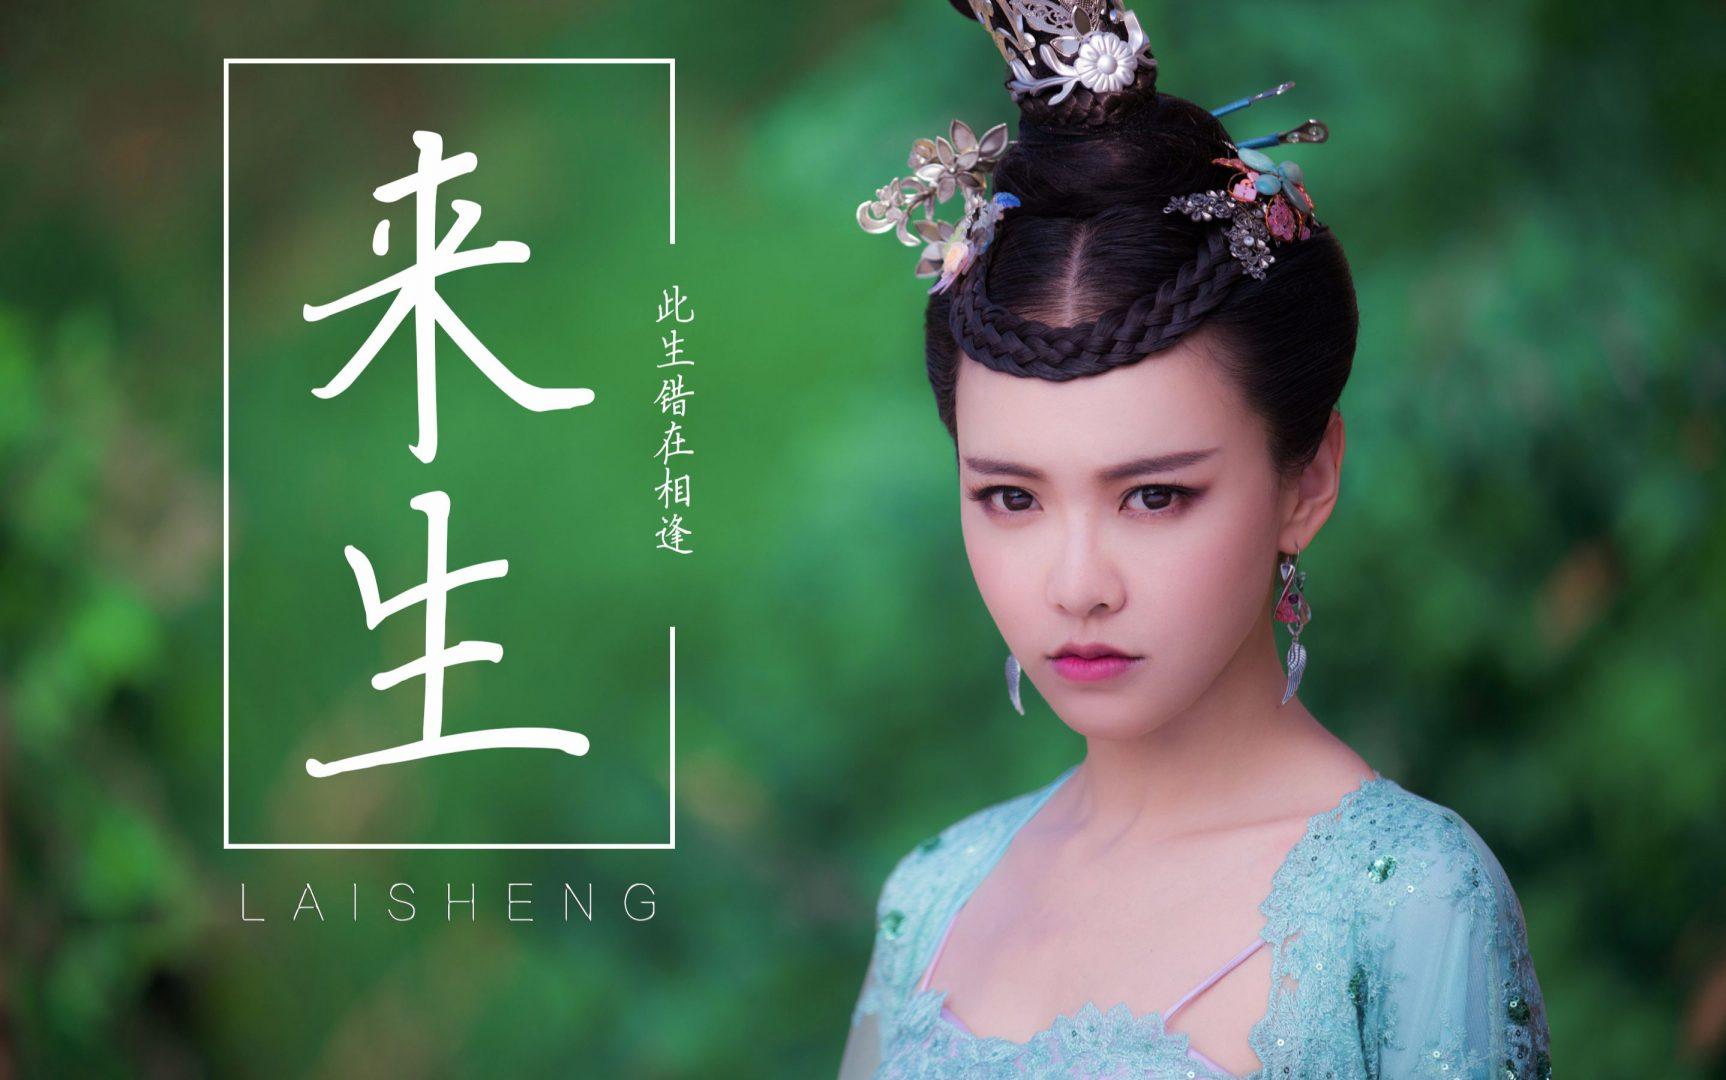 Đại mộng Tây Du 2 : Thiết Phiến công chúa 2017 Hoàng Nhất Lâm trong vai Thiết Phiến